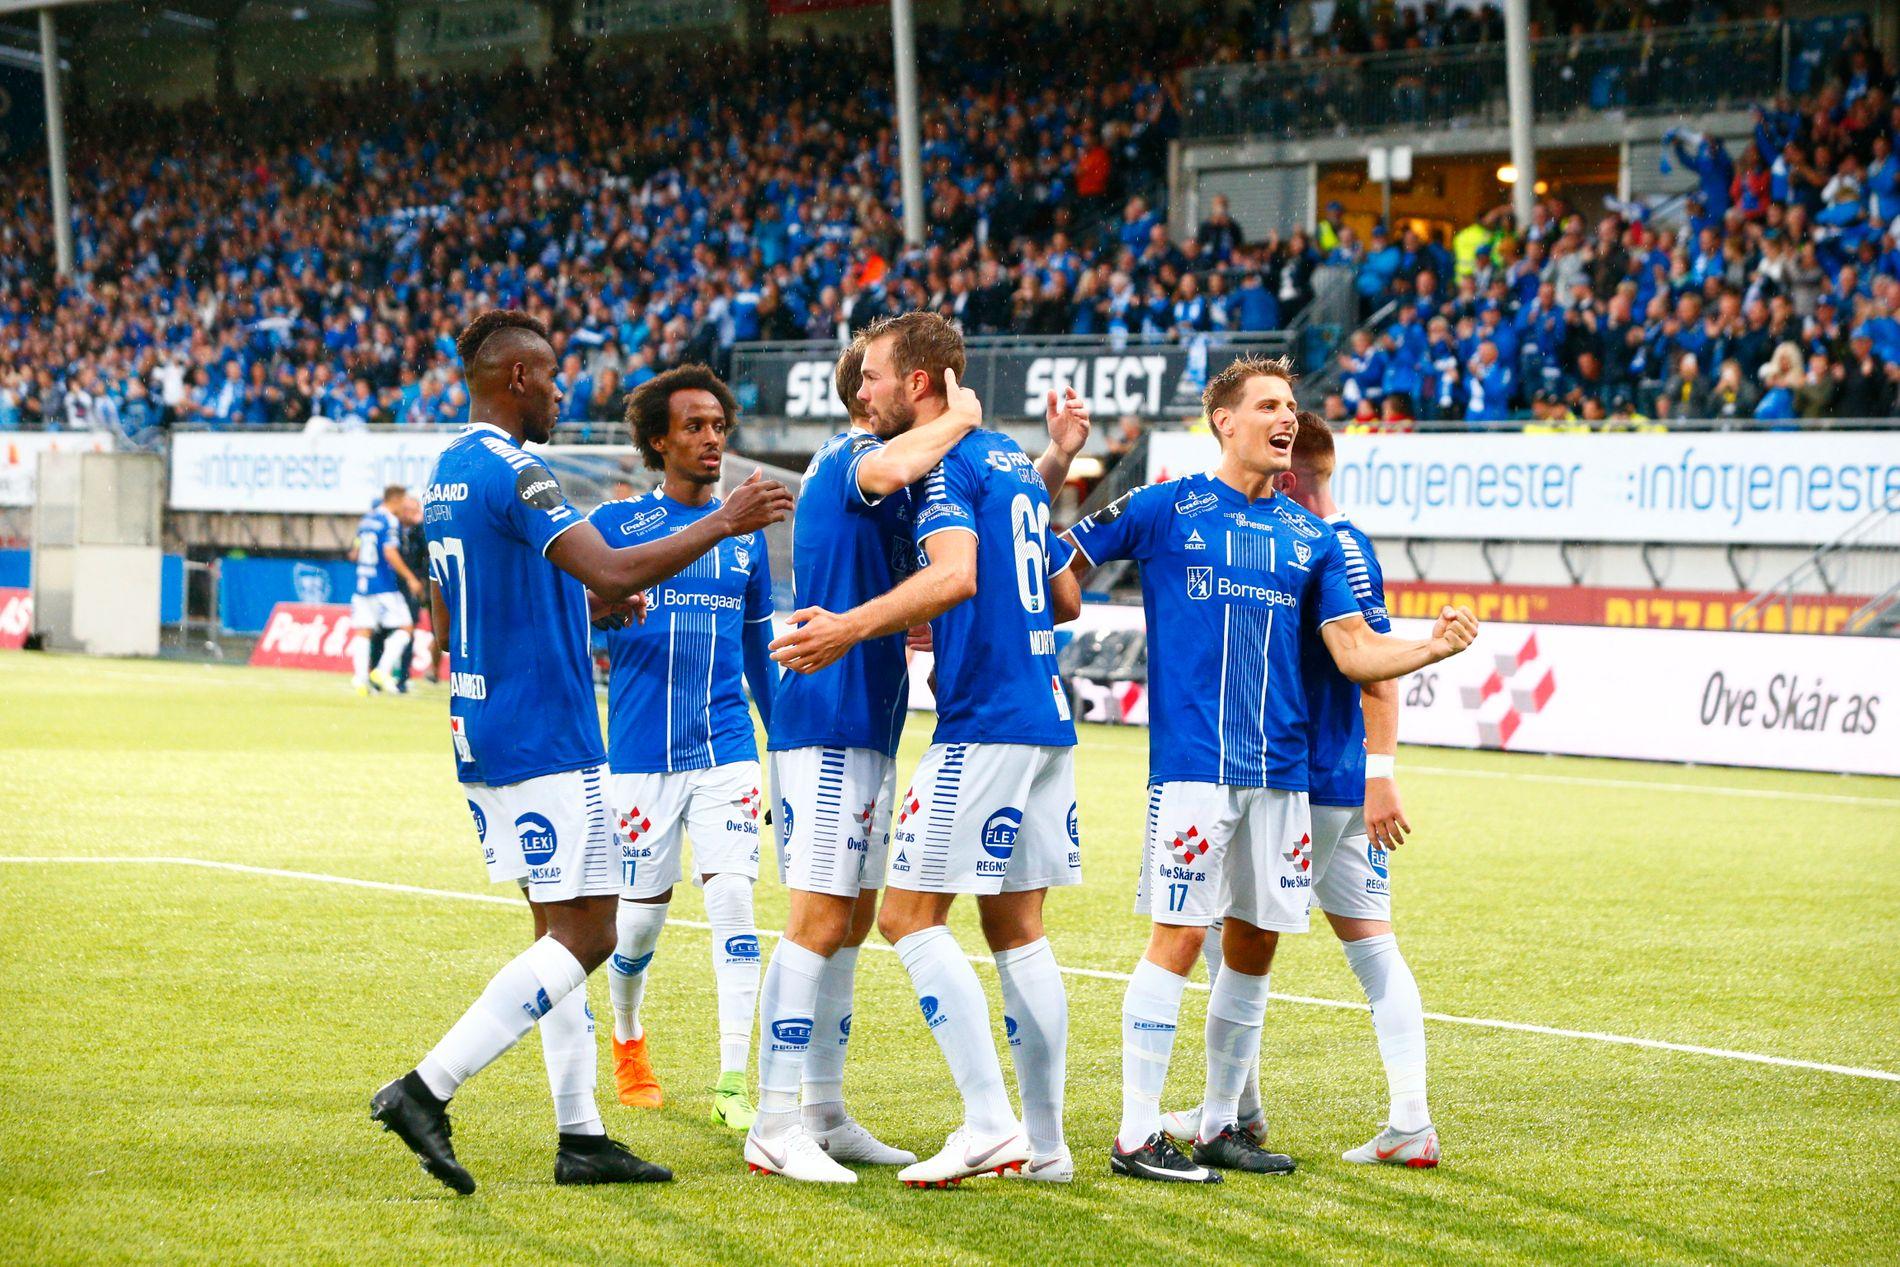 EUROPA-JUBEL: Tre dødballmål gjør at Patrik Mortensen og resten av Sarpsborg 08 kan reise til Israel med håp om avansement til gruppespillet i Europa League om en uke.